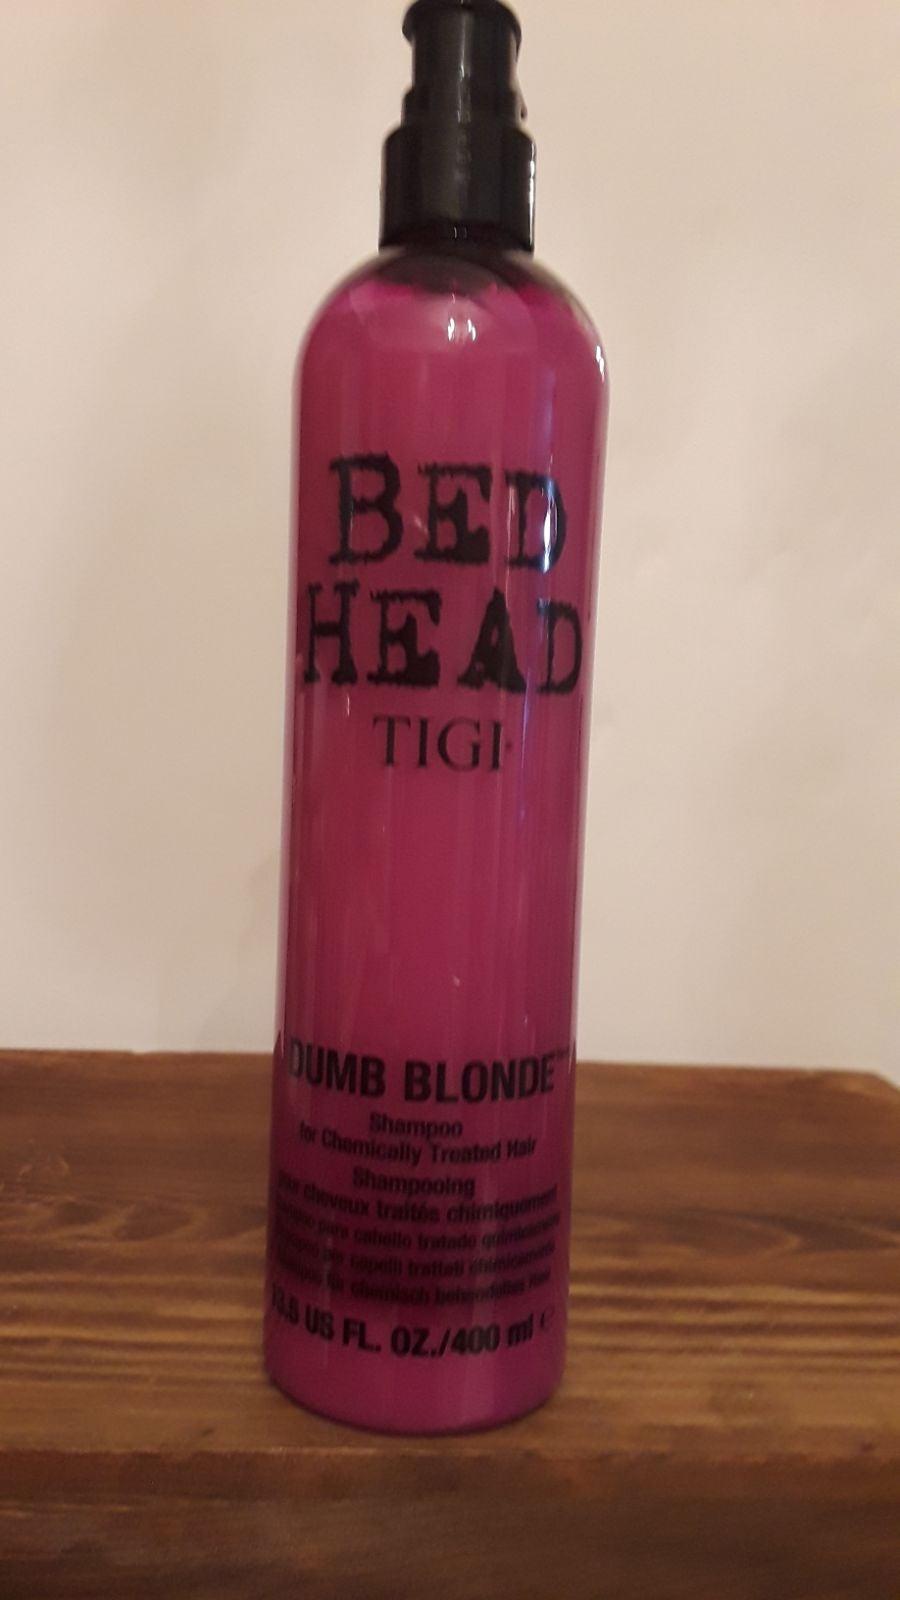 BED HEAD TIGI DUMB BLONDE SHAMPOO